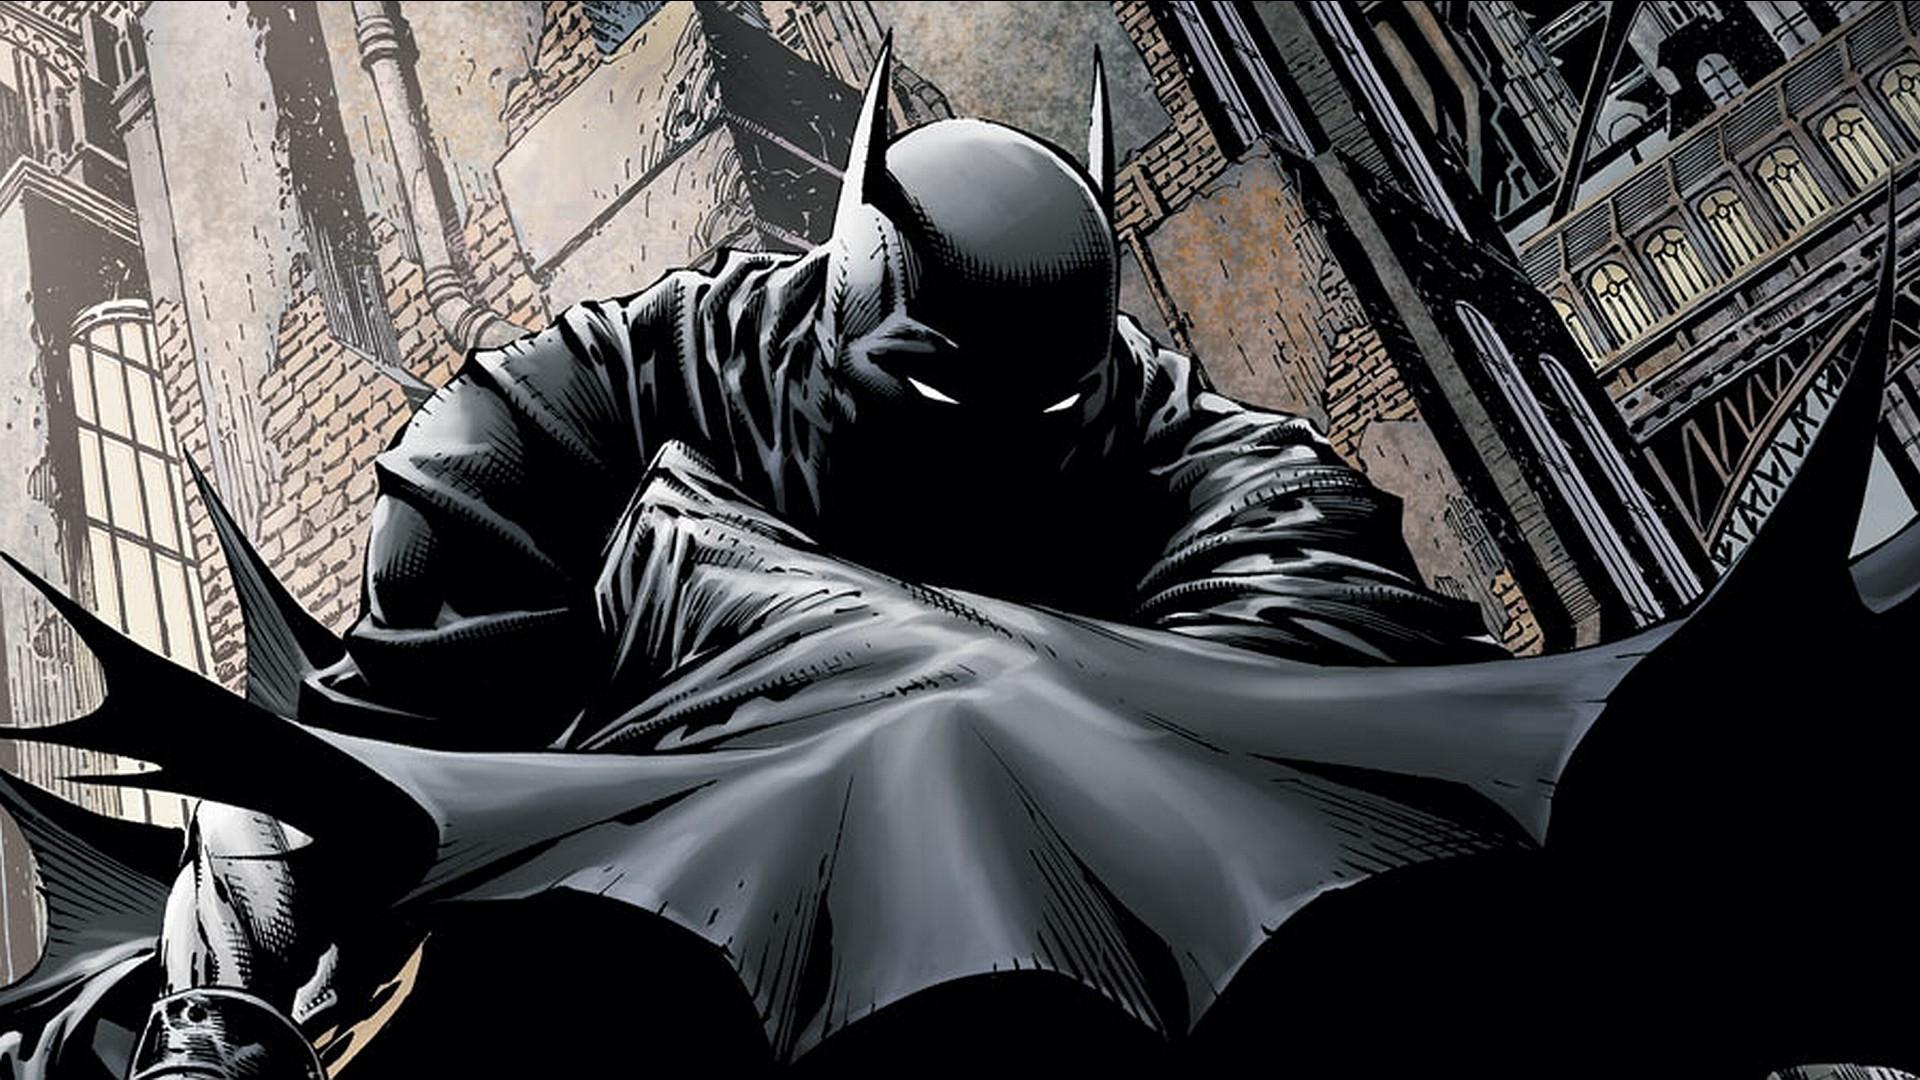 Batman Comics Wallpapers ·① Batman Comic Cover Wallpaper